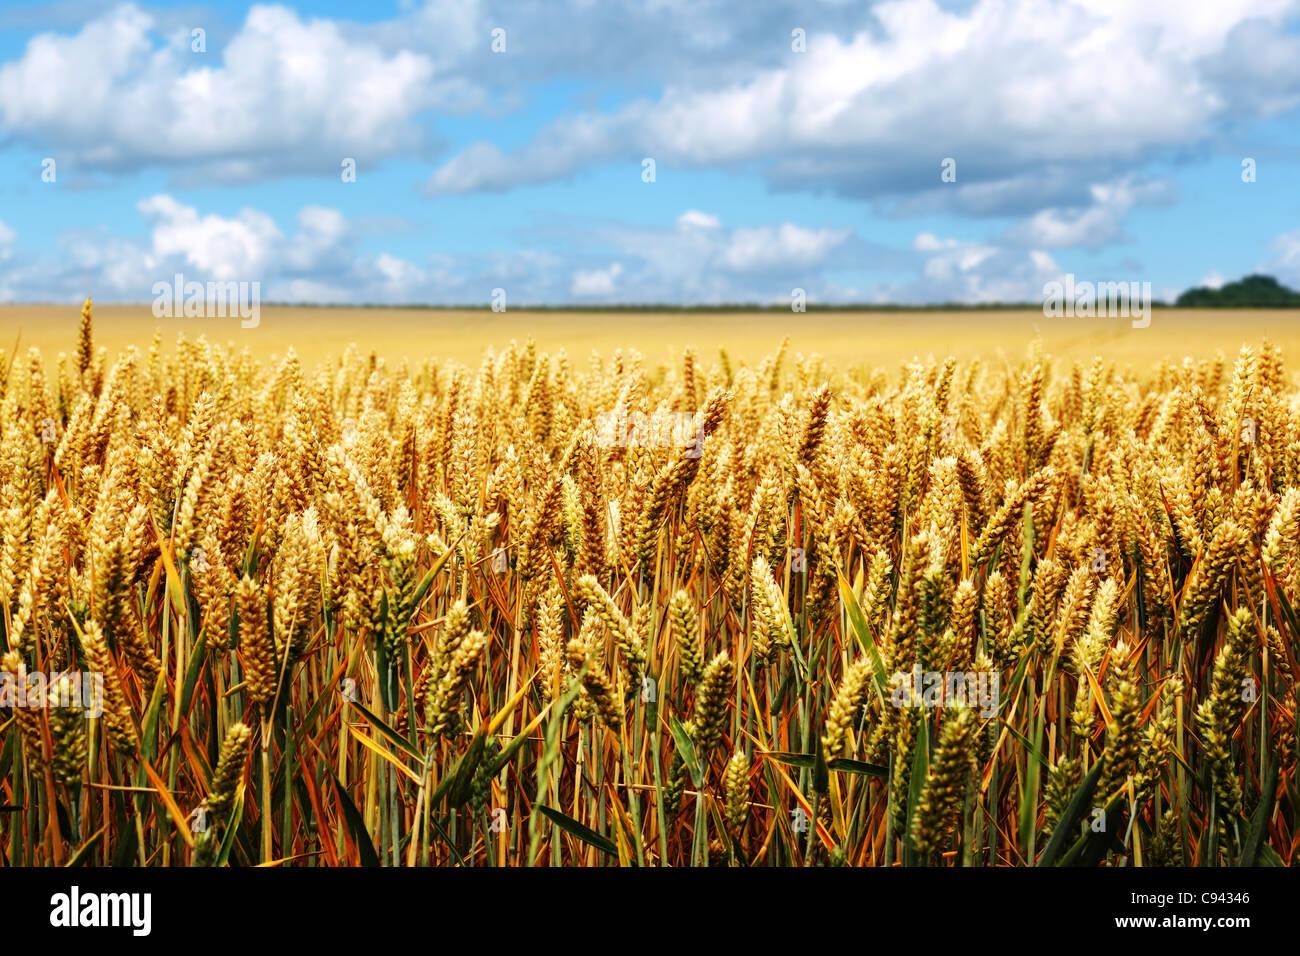 Champ de blé mûr sur un jour d'été Photo Stock